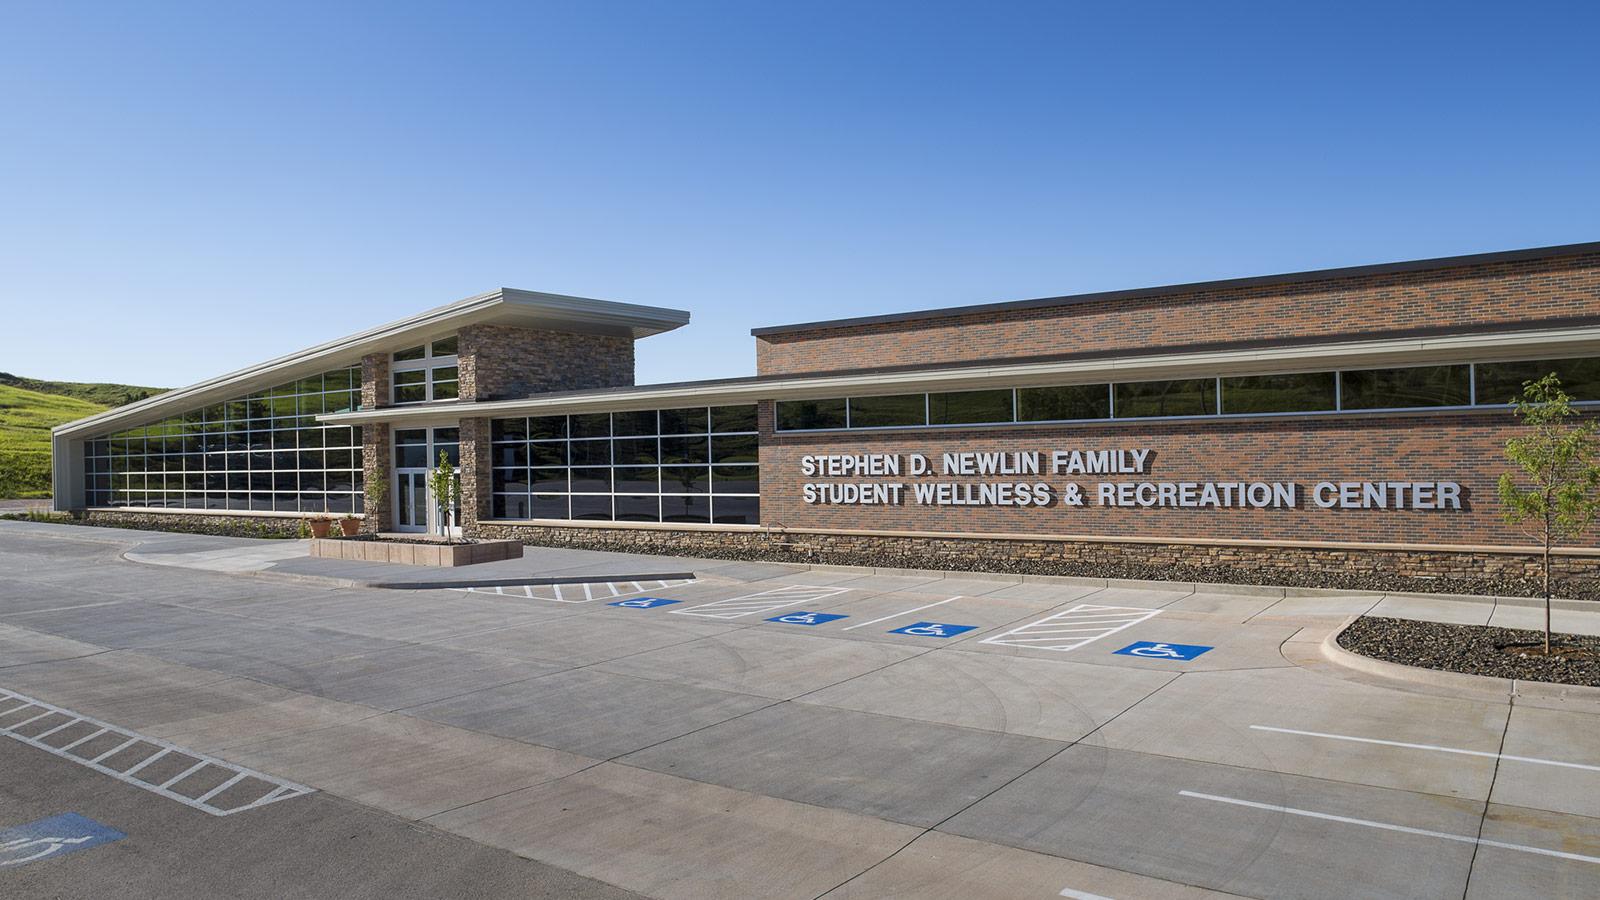 SDSM&T Student Wellness & Recreation Center